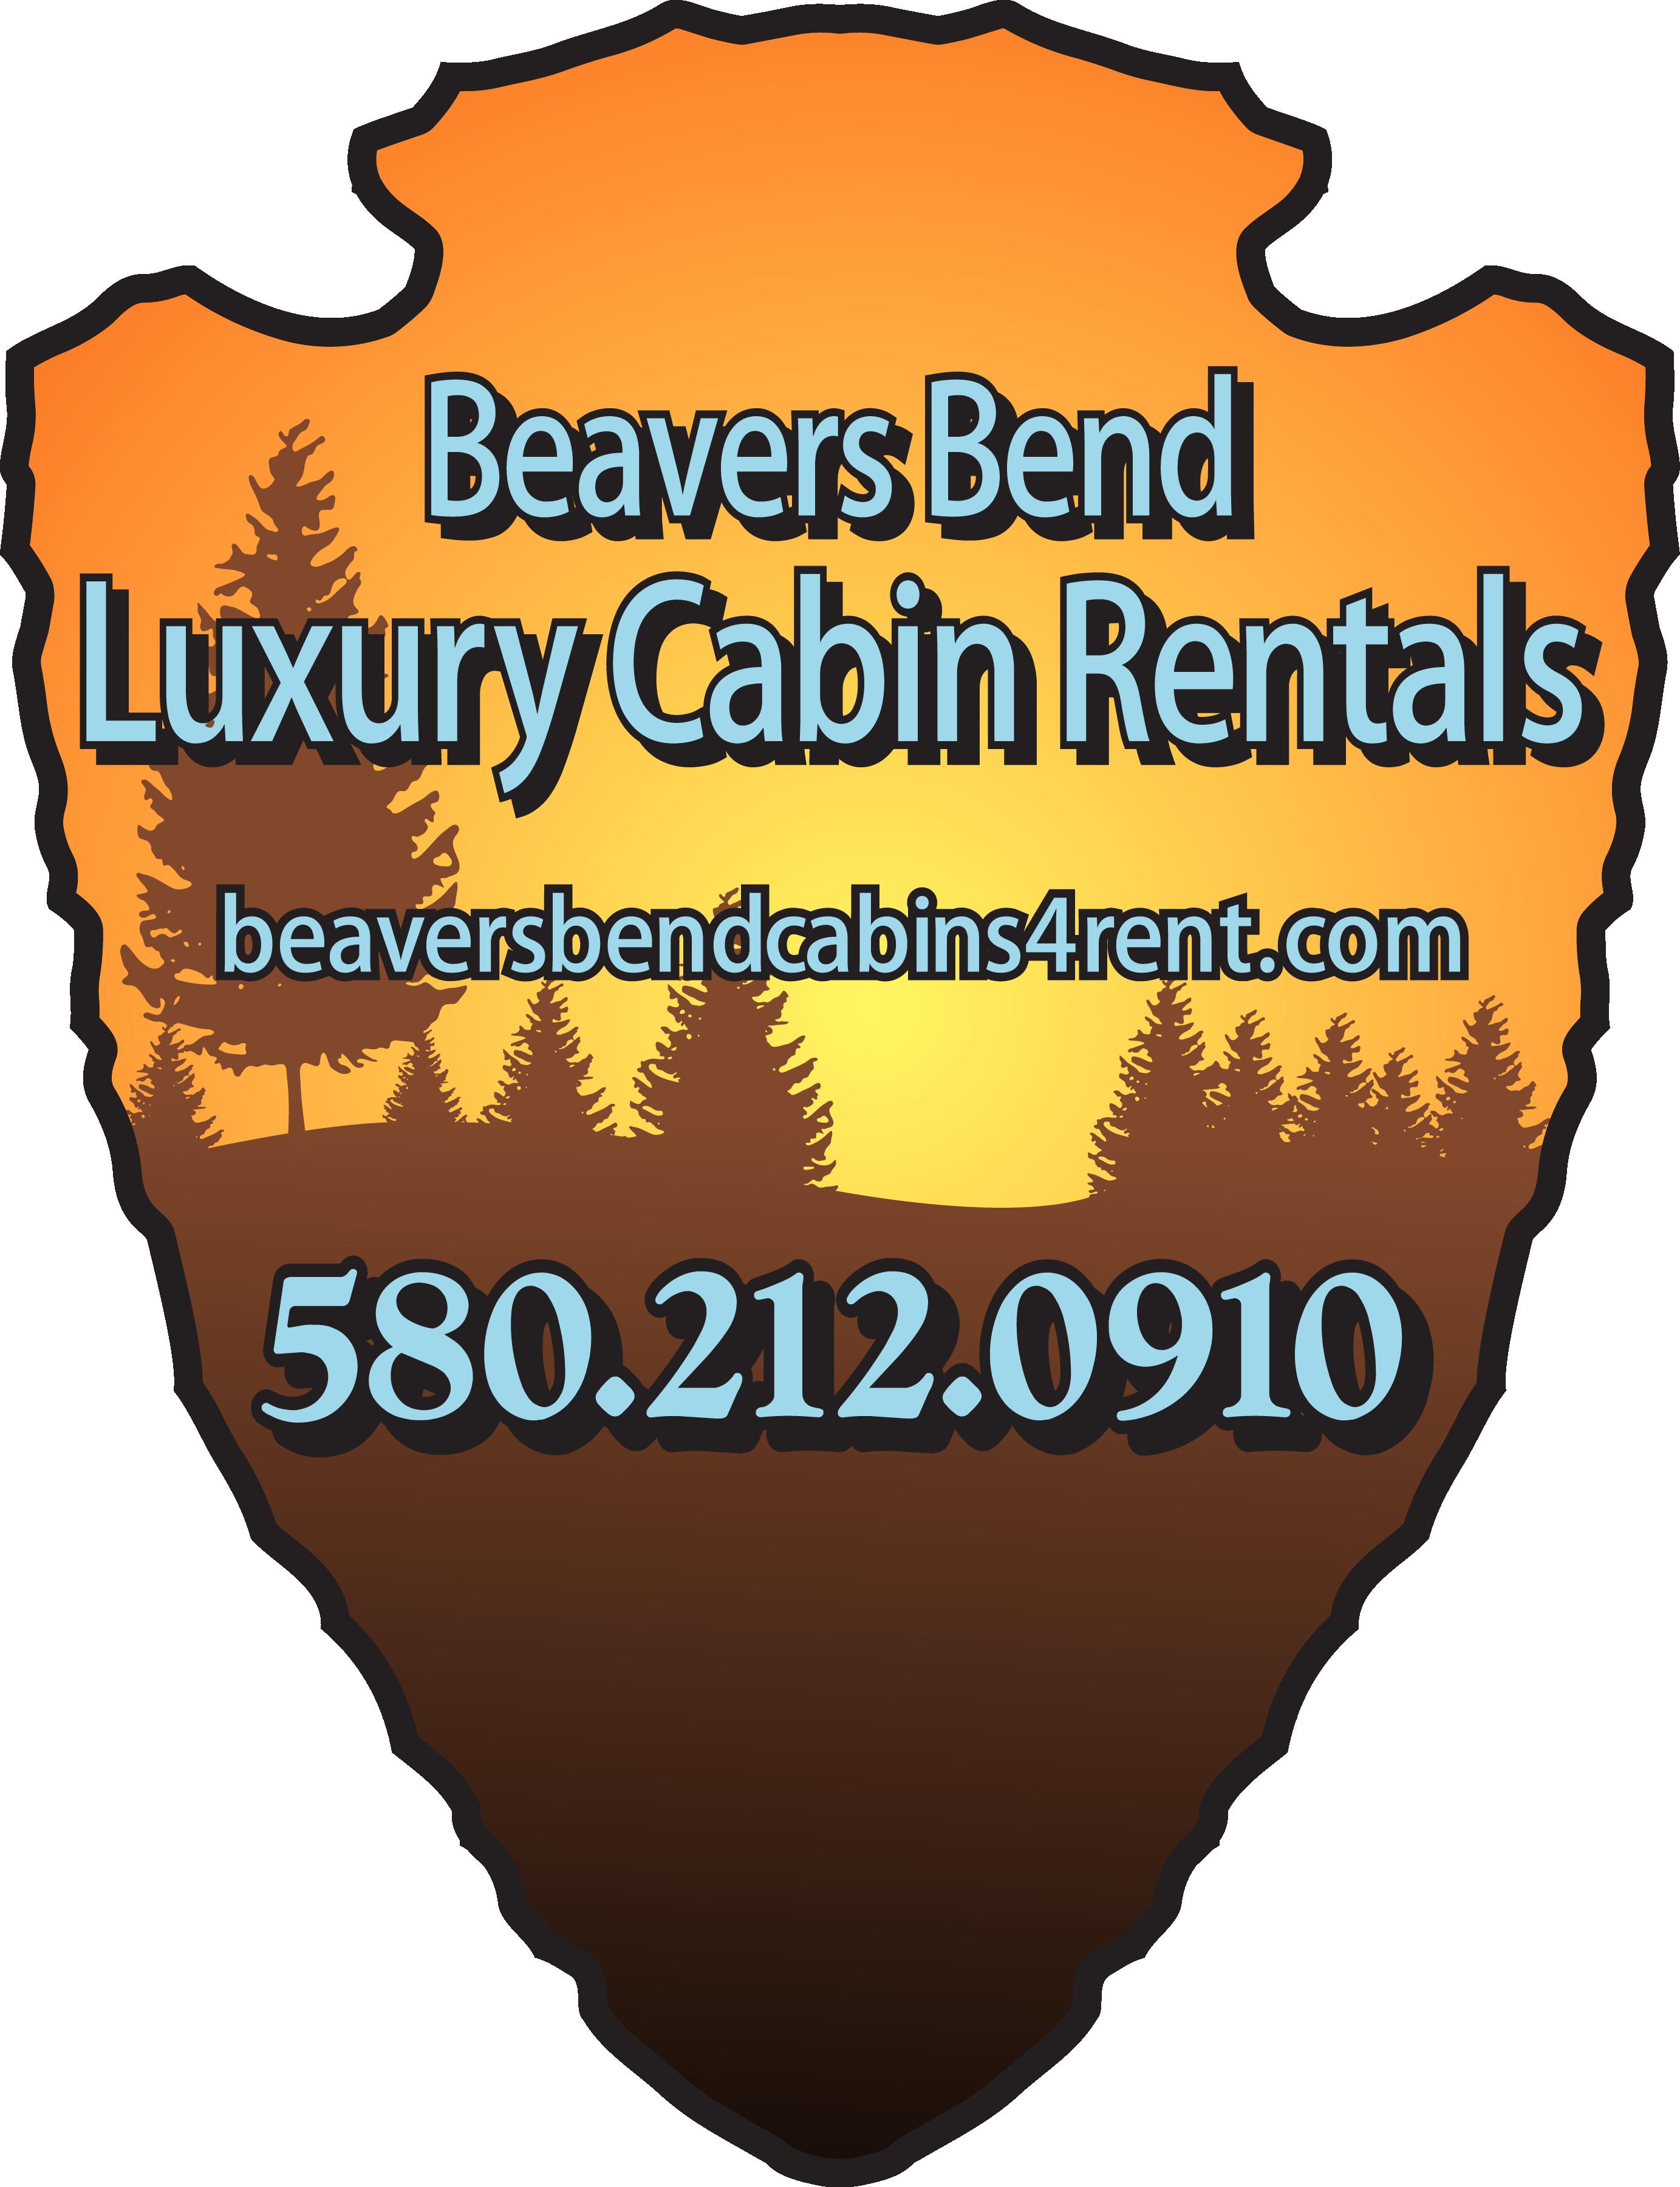 BeaversBend